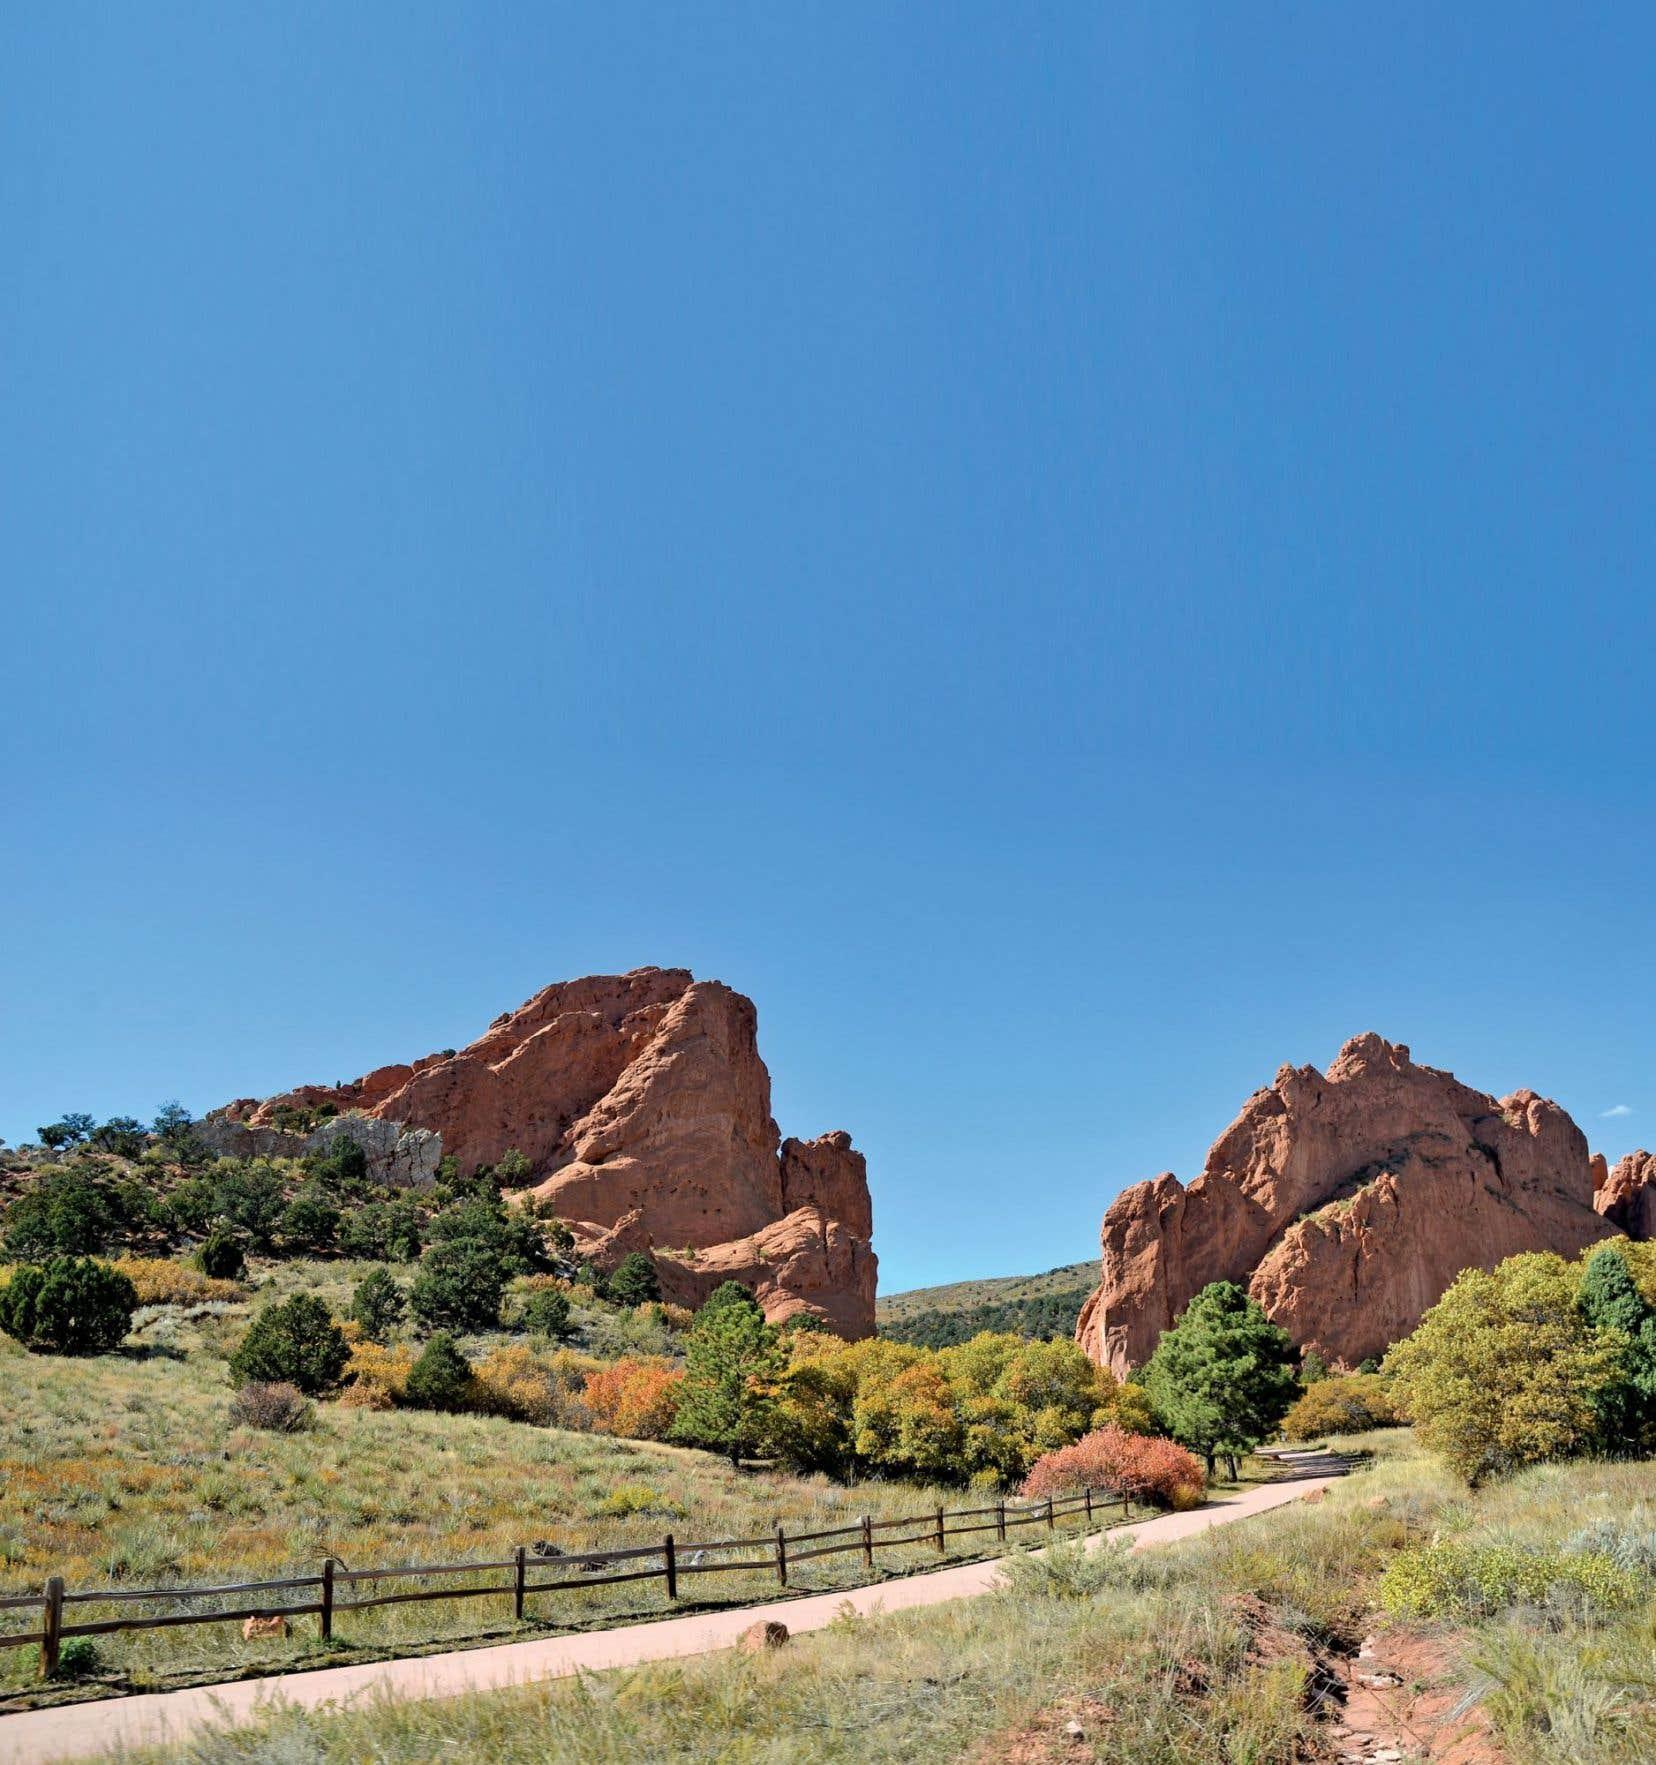 Le plateau verdoyant du Garden of the Gods est parsemé de formations rocheuses portant des noms aussi fantaisistes que leurs formes. Une vingtaine de kilomètres de sentiers pédestres sillonnent le parc naturel. Ici, les rochers Ho.